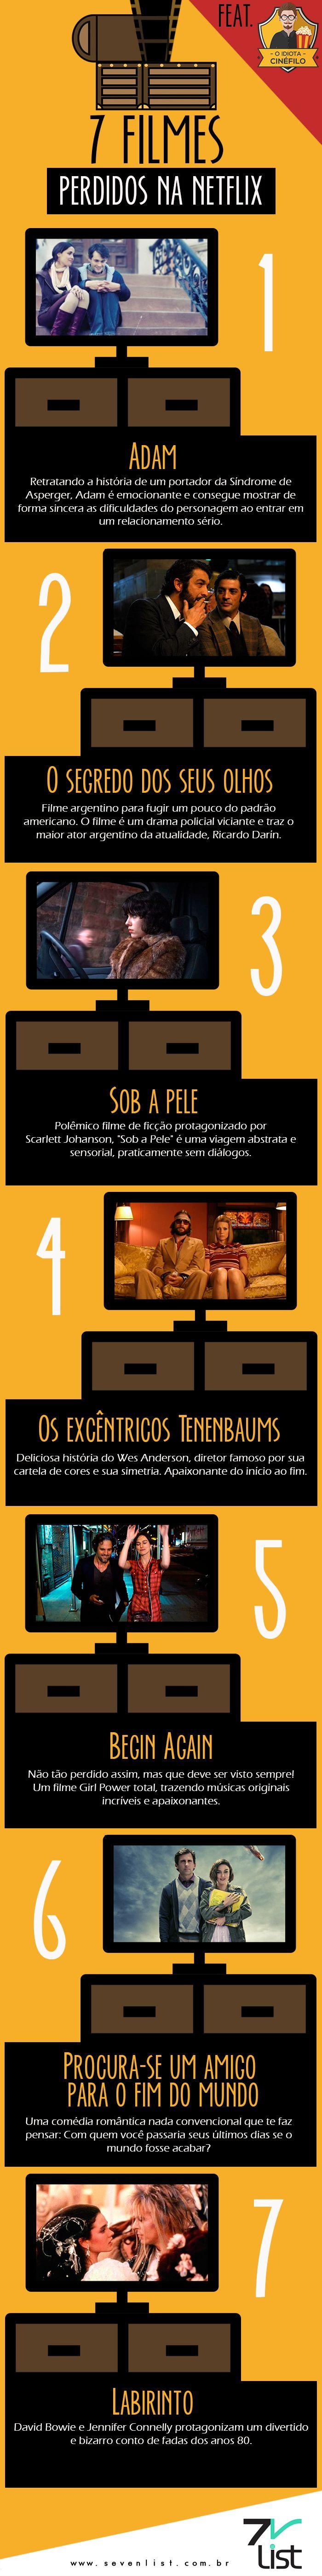 #Infográfico #Design #Filmes #Dicas #Cinema #Cinema #Netflix #SevenList